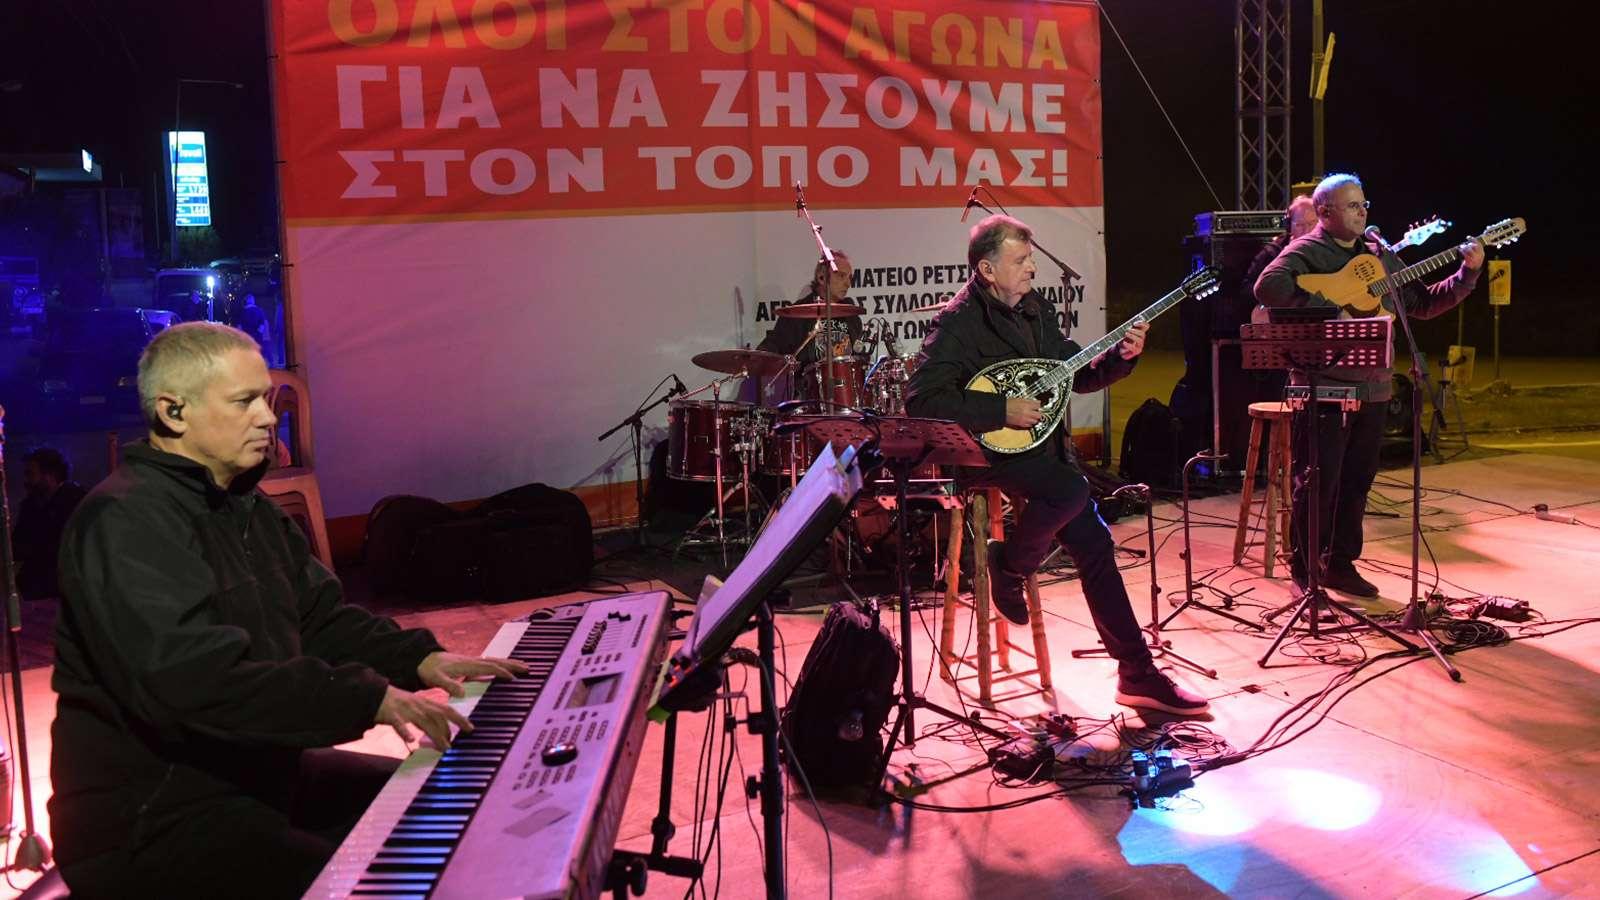 strofilia μεγάλη συναυλία αλληλεγγύης διεκδίκησης Στροφιλιάς 5 1